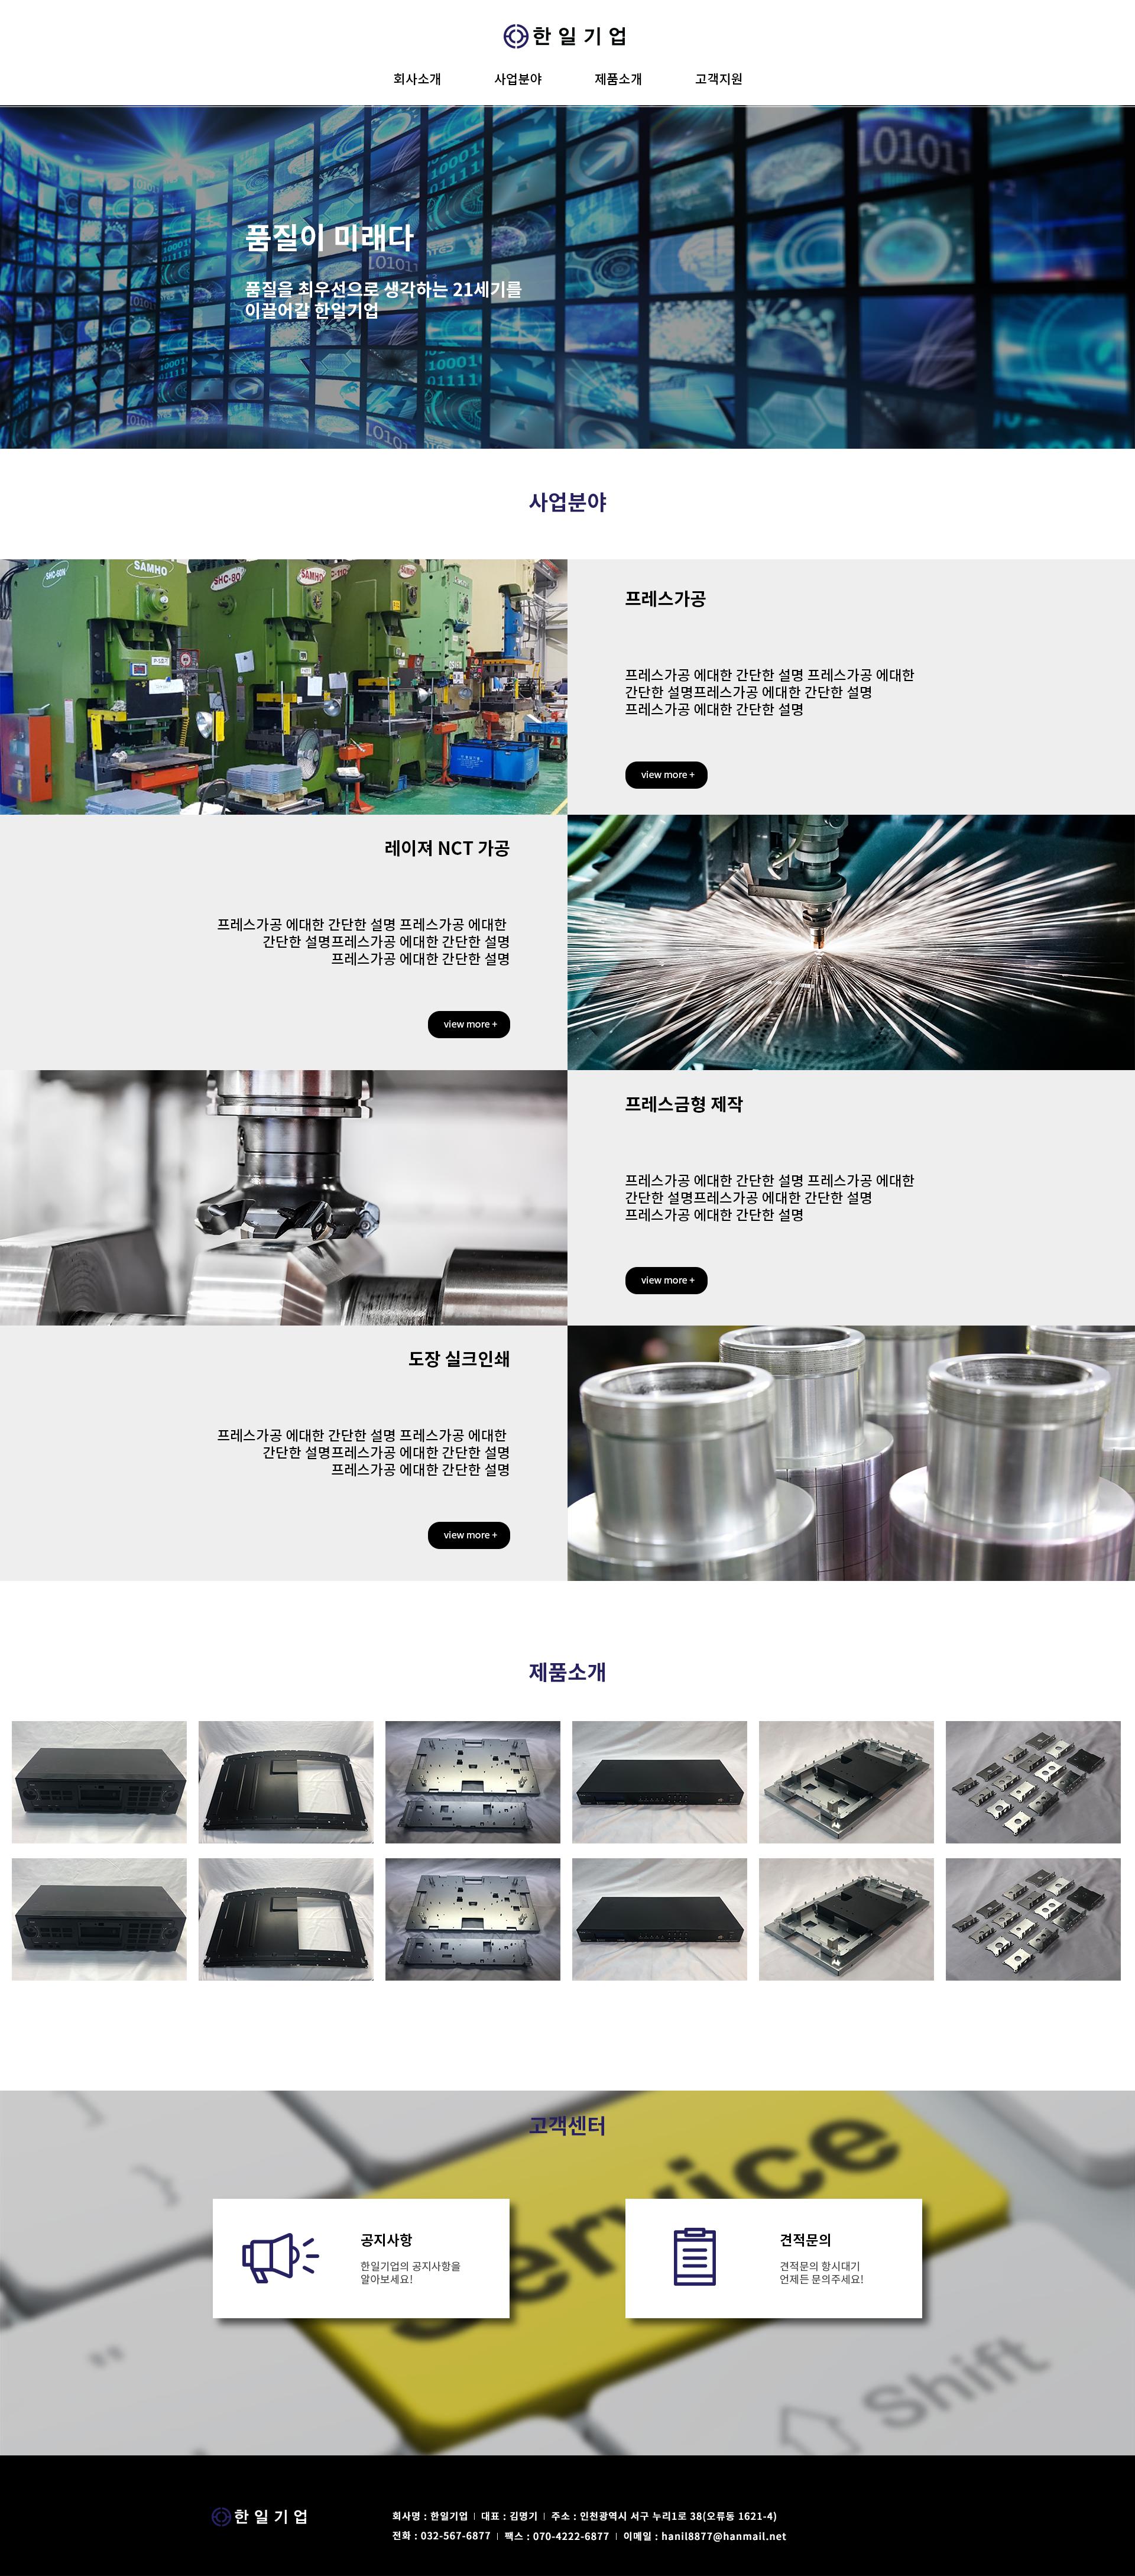 [반응형 회사홈페이지] 모니터 부품 제조 전문기업 한일기업